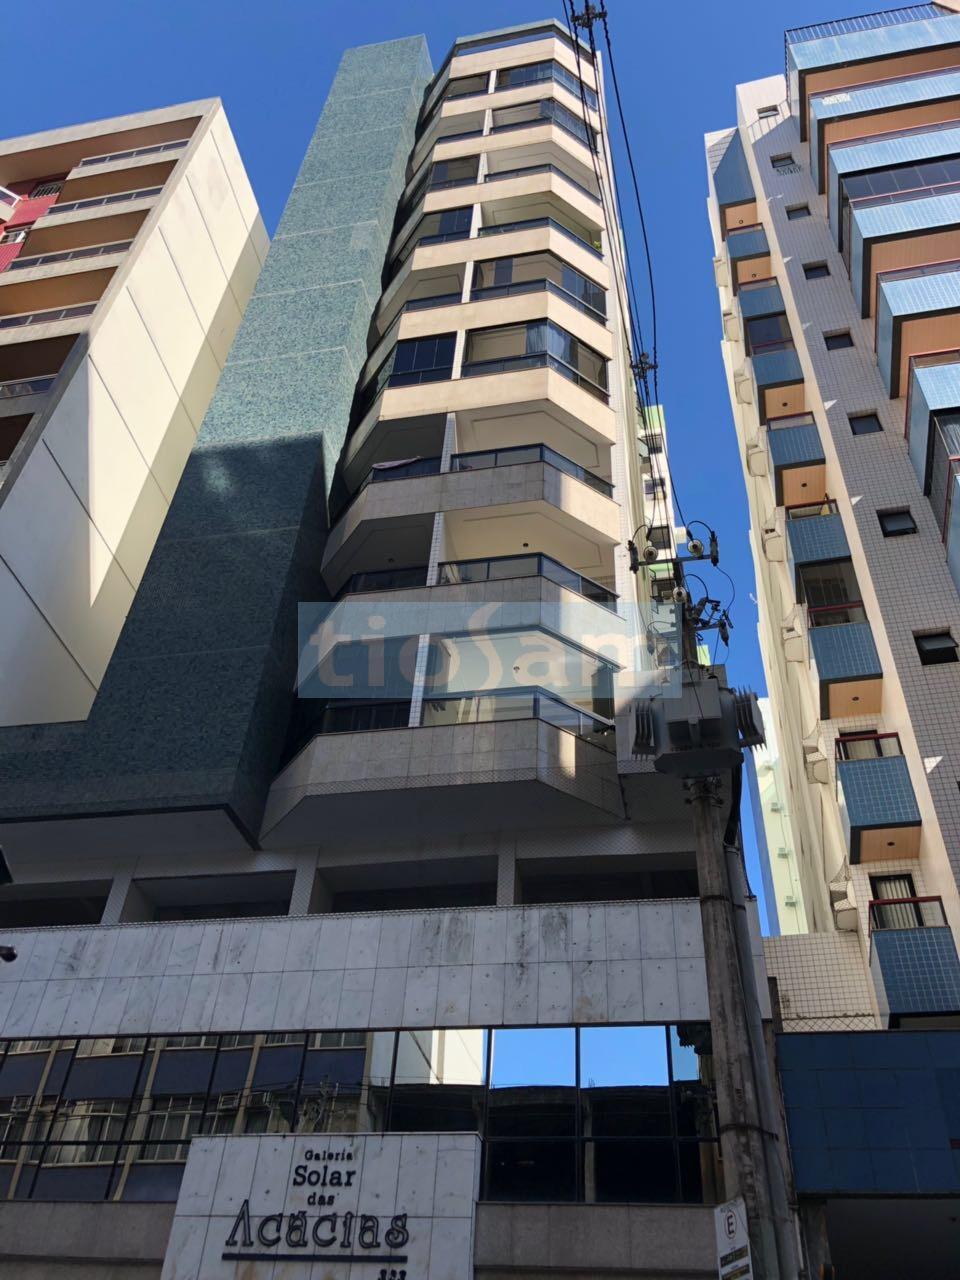 Edifício Solar das Acacias apartamento mobiliado 2 quartos centro de Guarapari ES